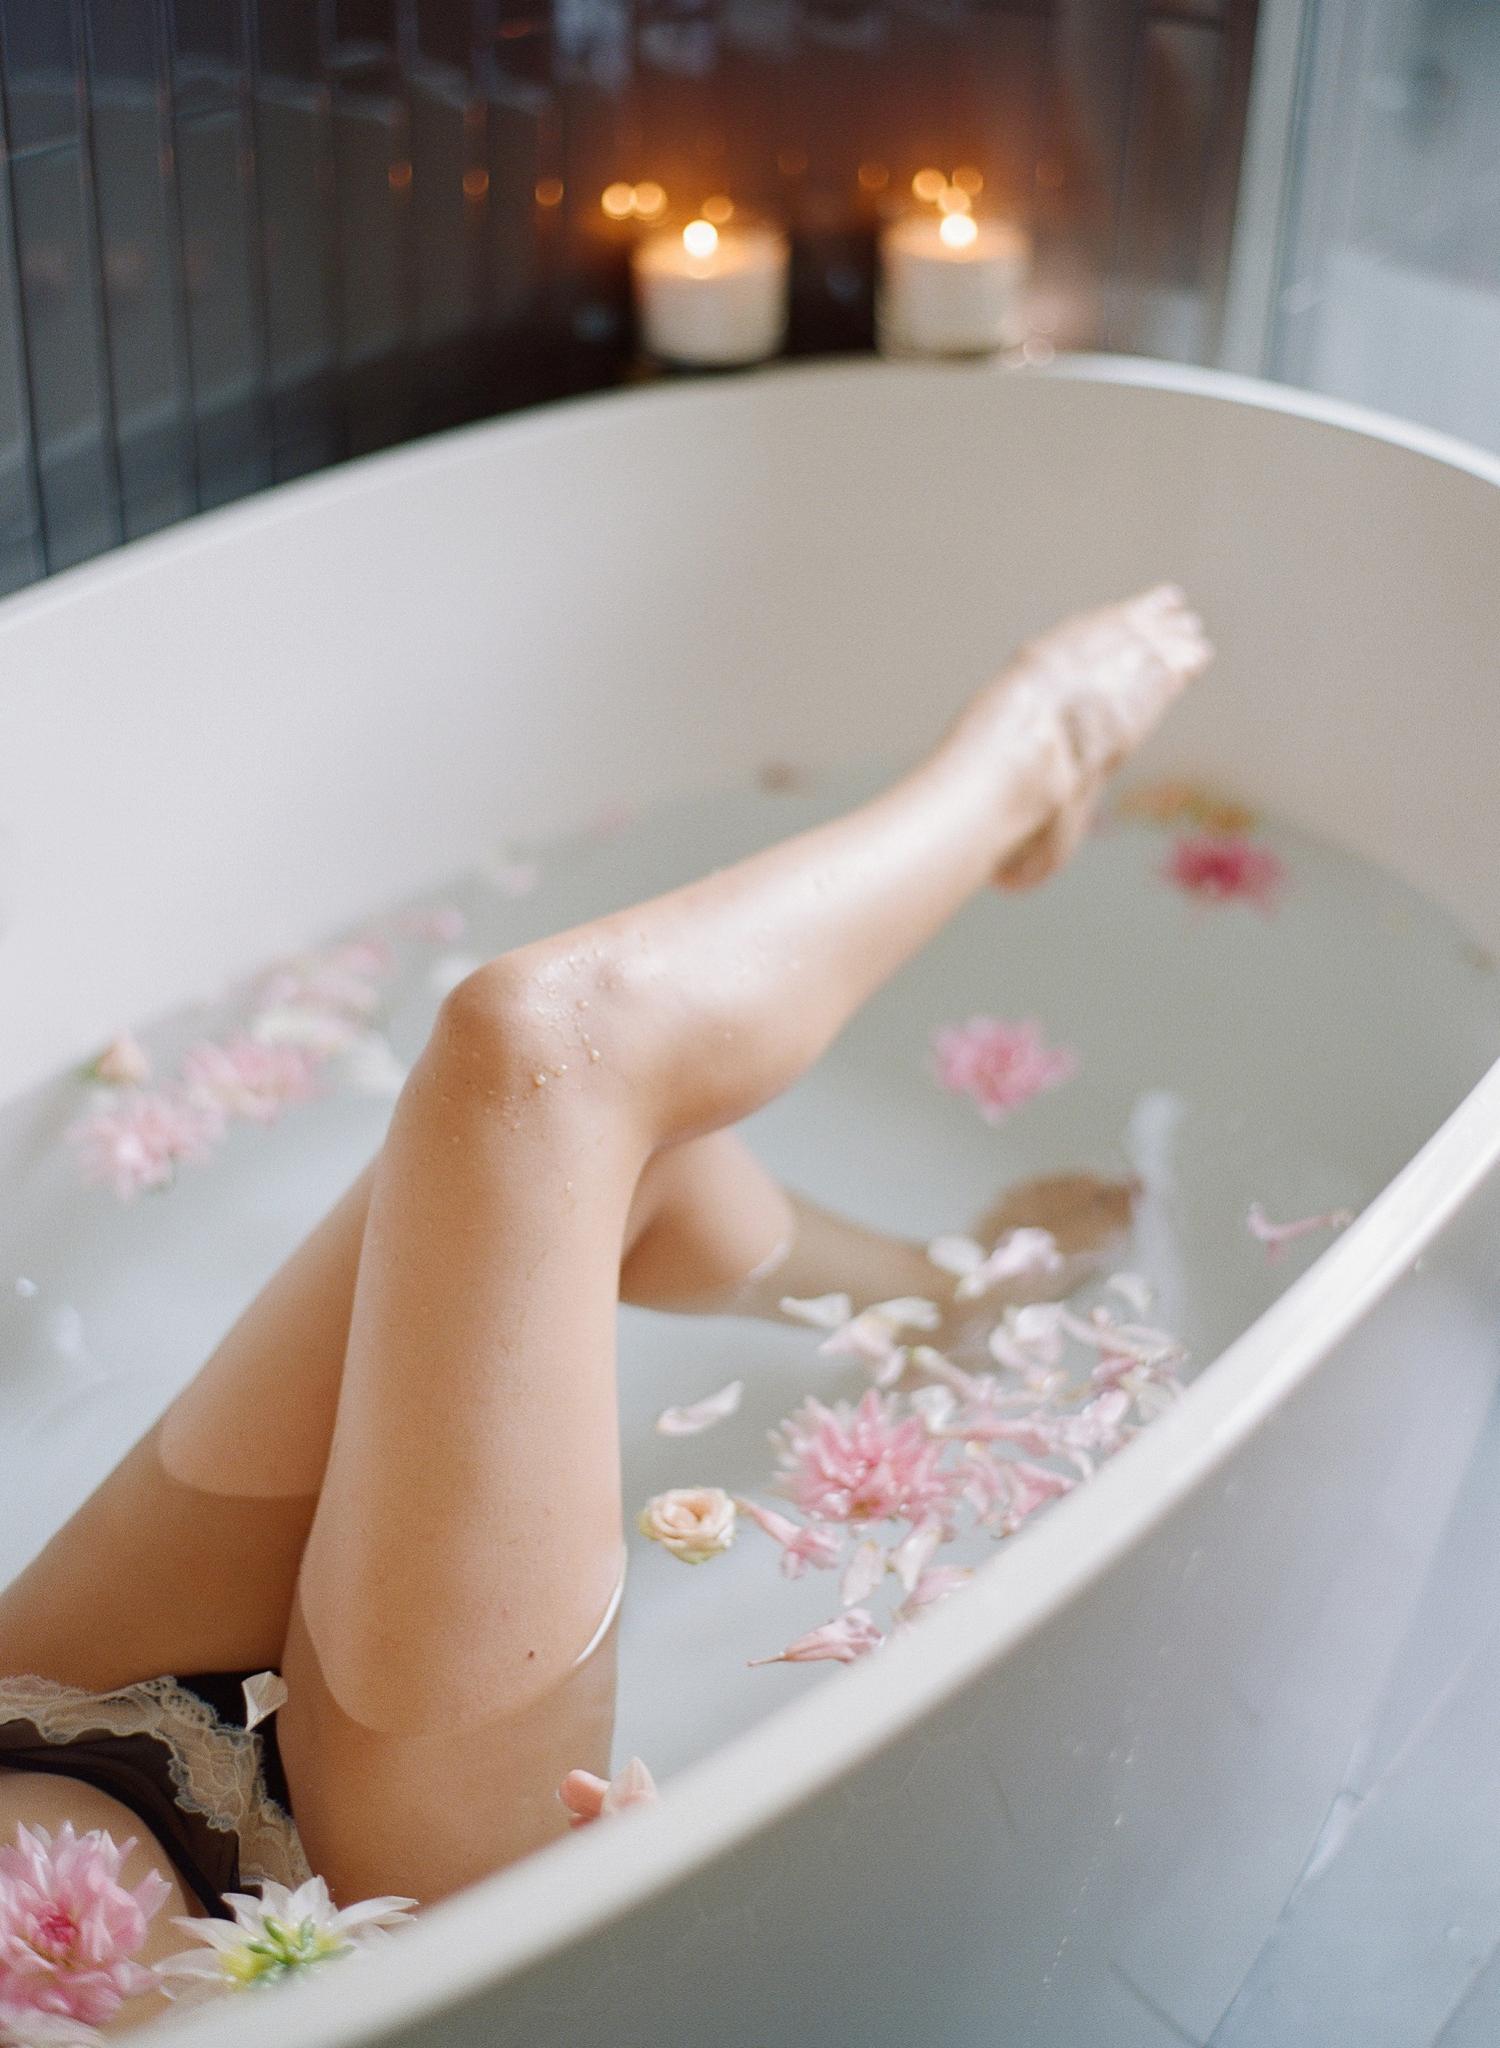 bridal boudoir bathtub photos, barcelona spain